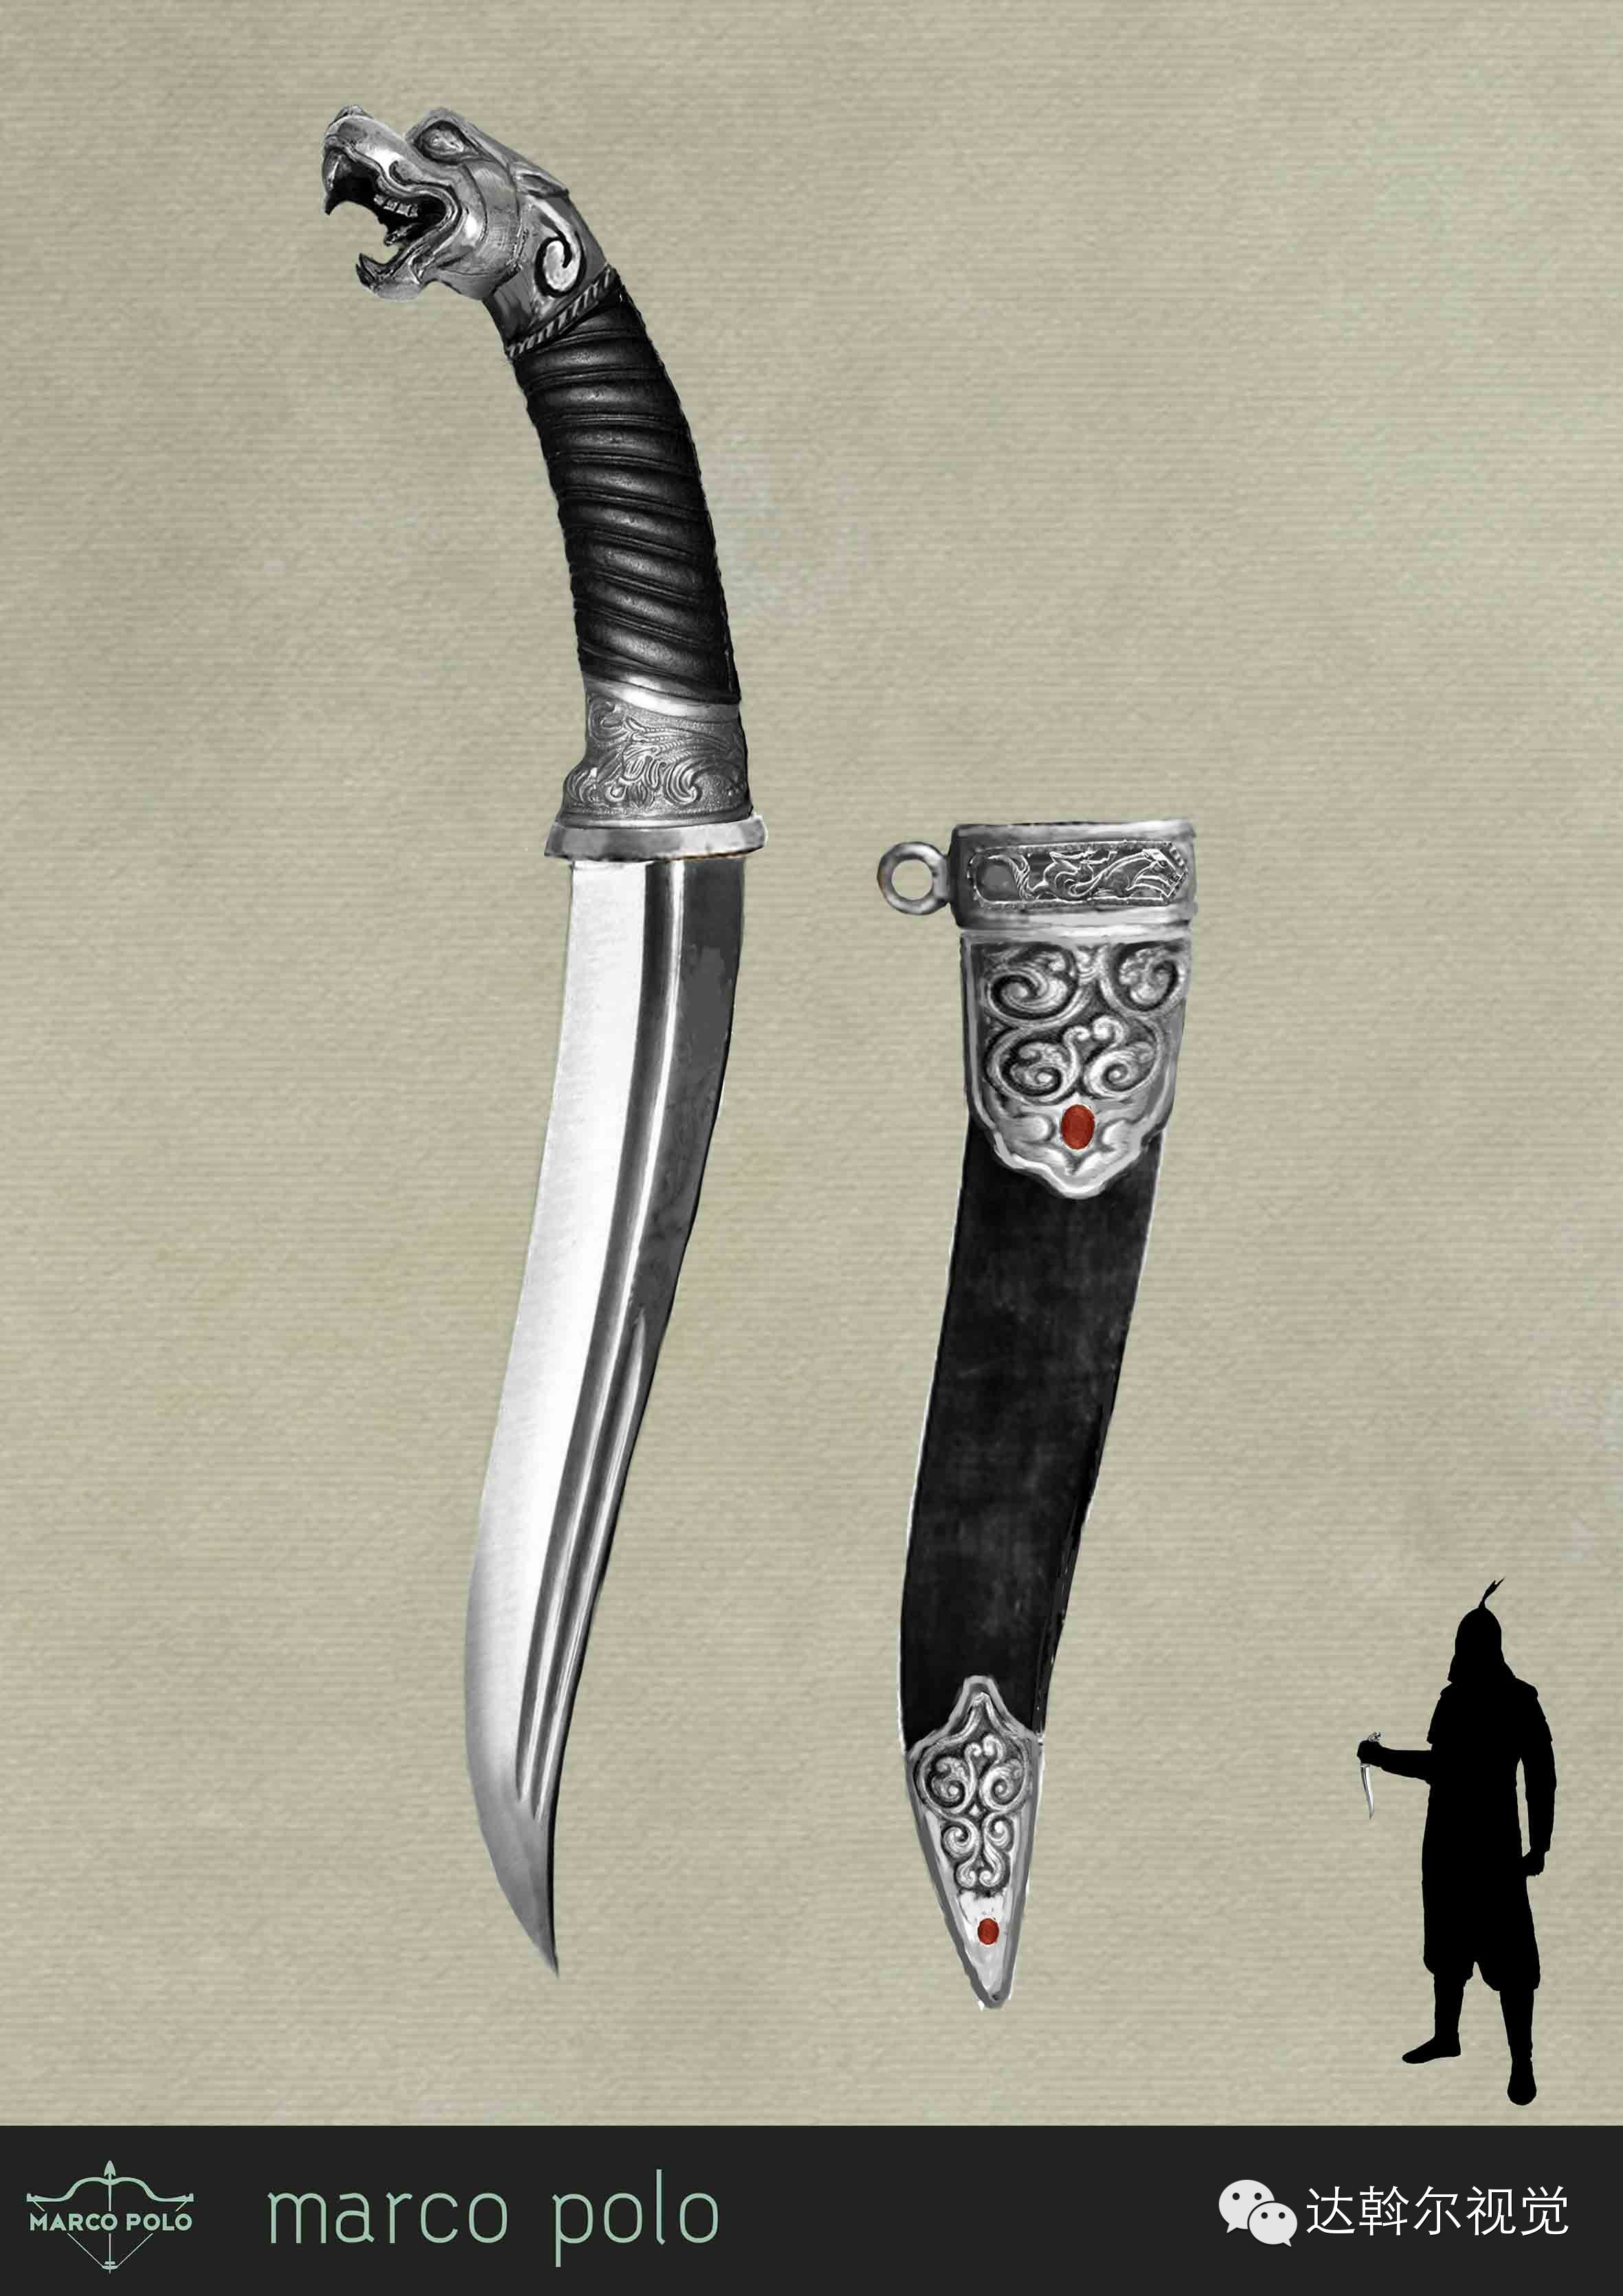 蒙古题材美剧《马可波罗》兵器设计欣赏 第15张